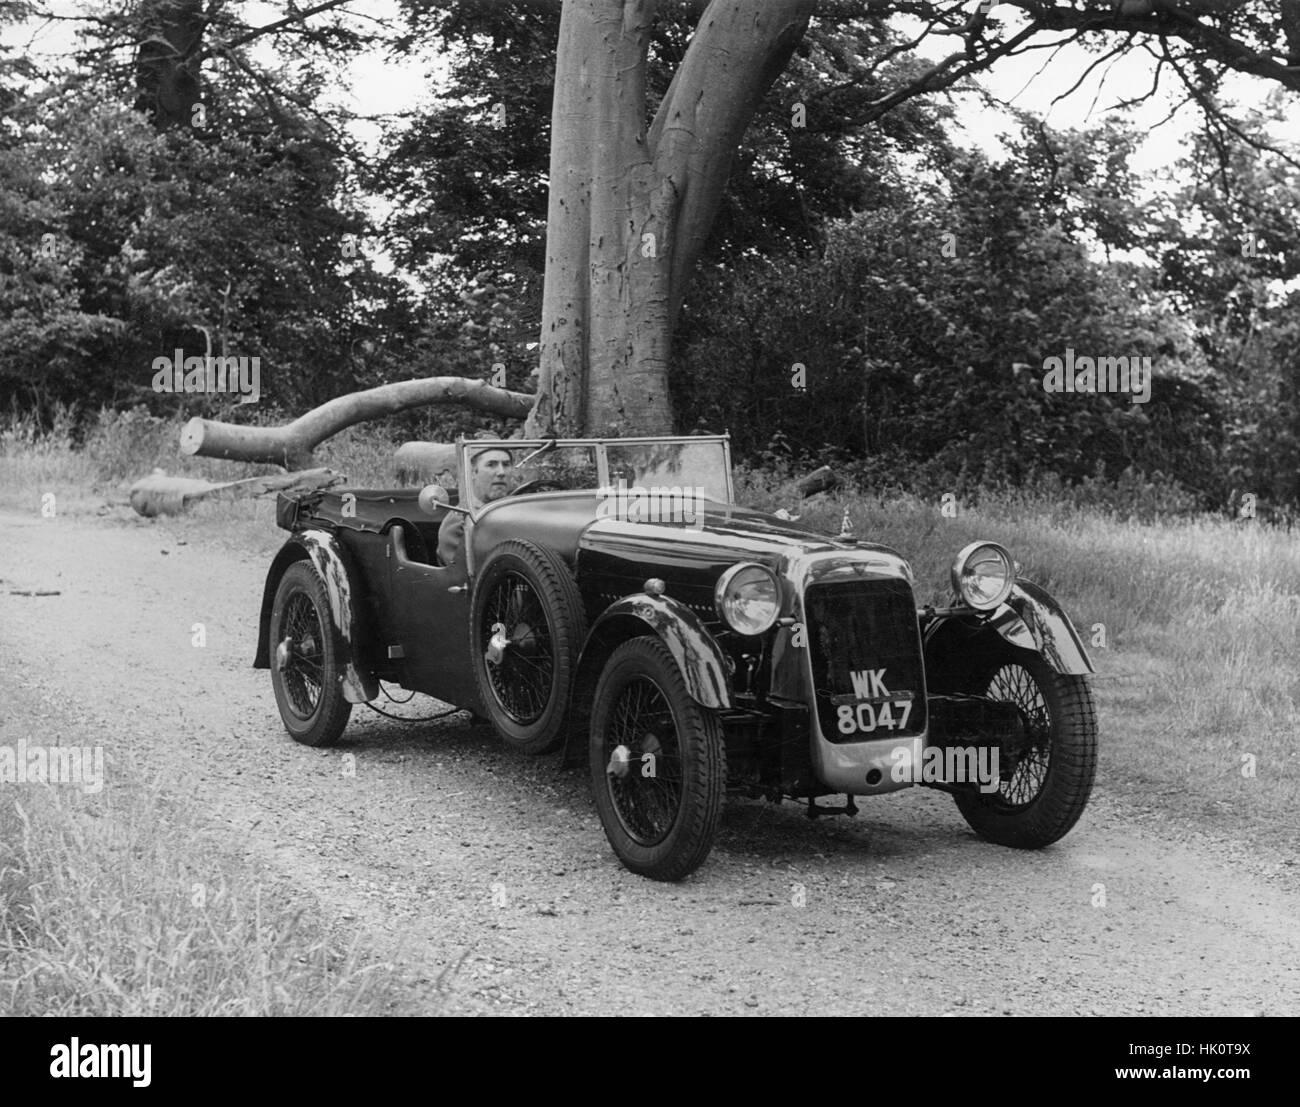 1928 Alvis 12-75 fwd - Stock Image